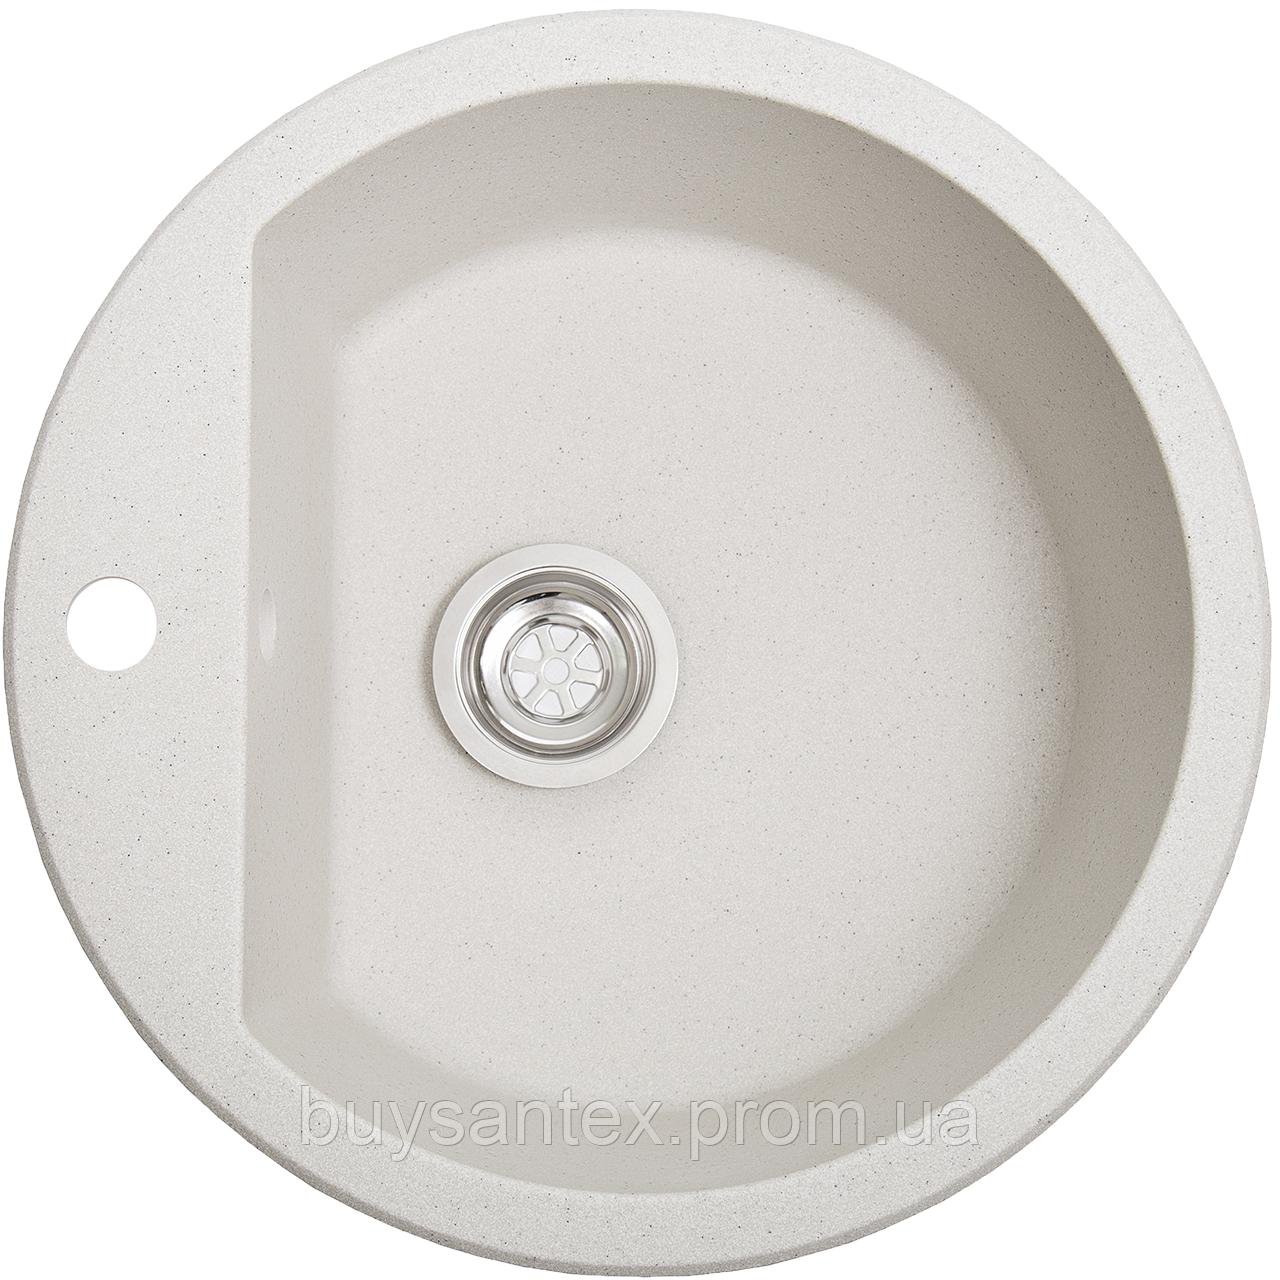 Кухонная мойка Cora - Aurora белый с точками